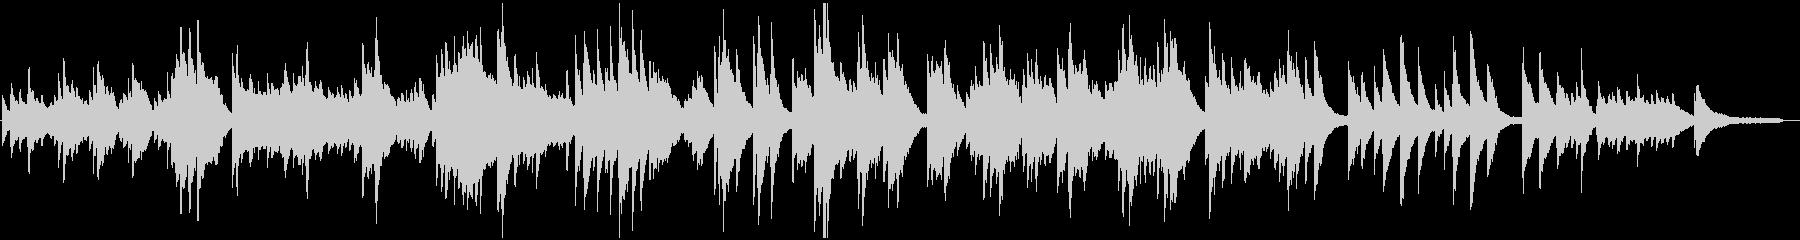 さみしさのある切ないピアノ曲の未再生の波形